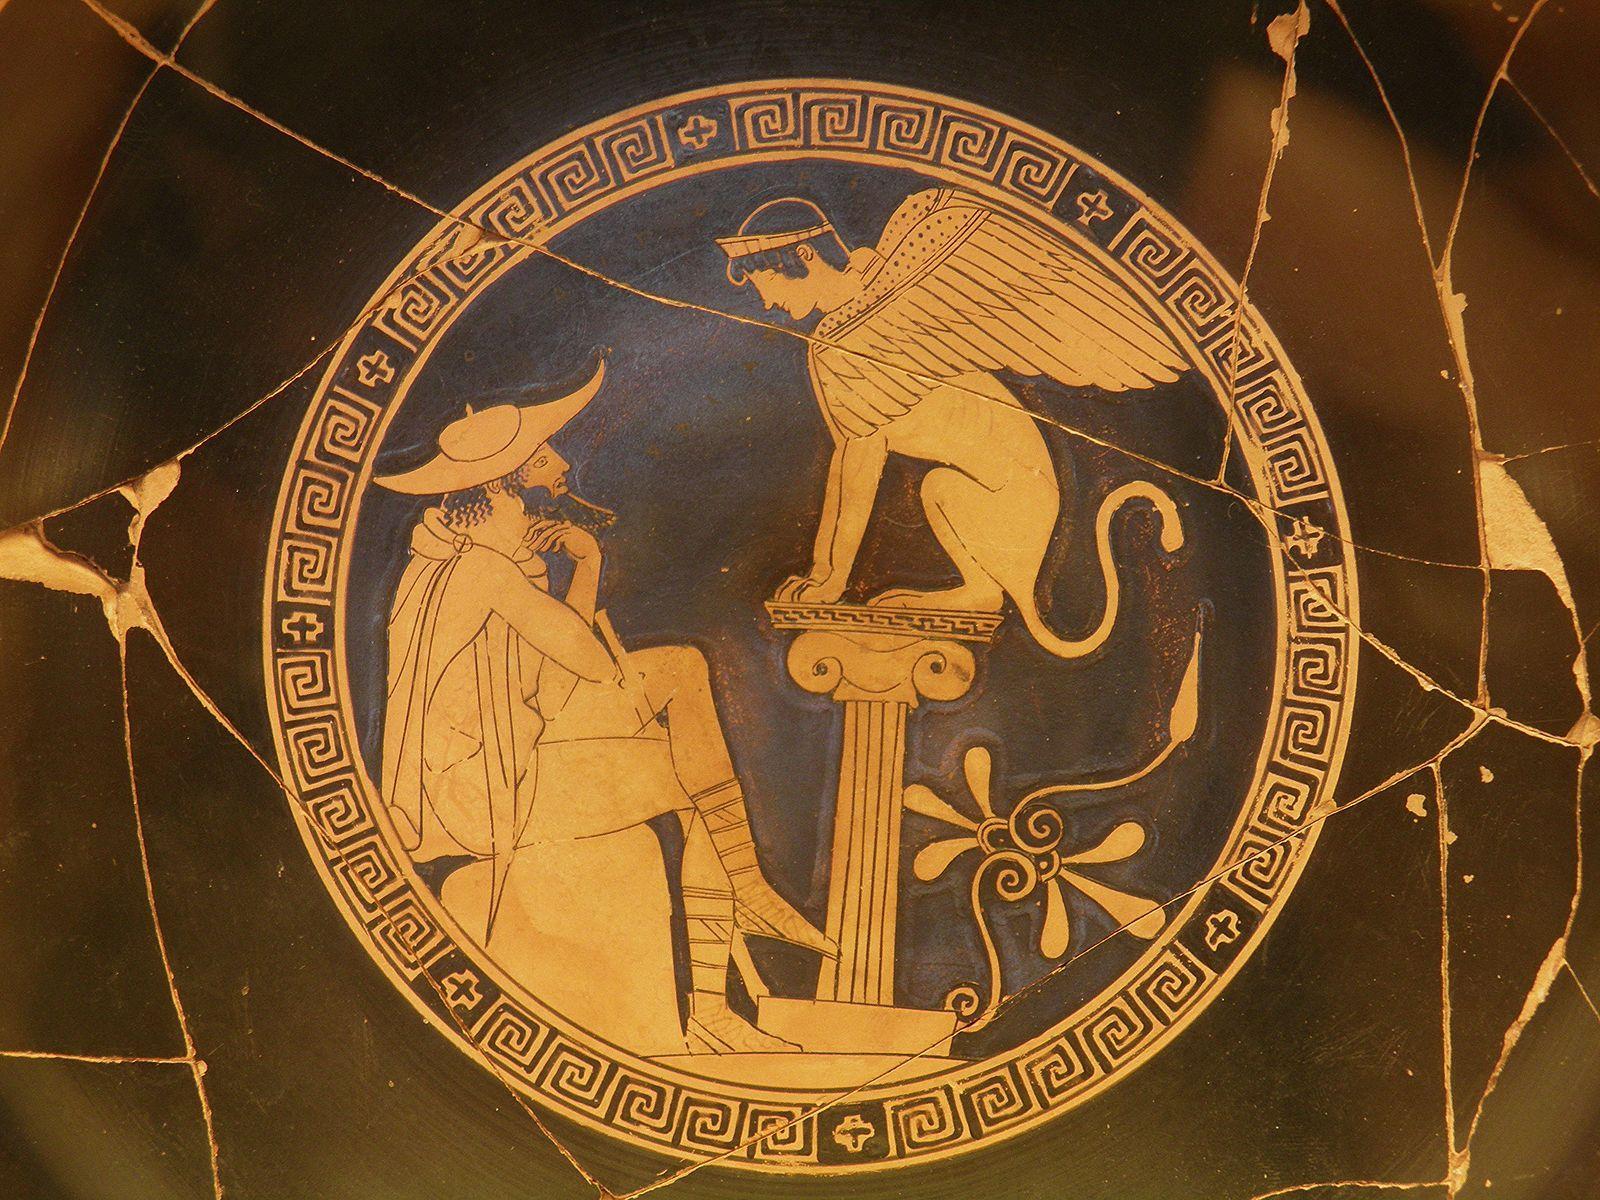 Tượng Nhân Sư ban đầu mang hình tượng người hay thú? - ảnh 1